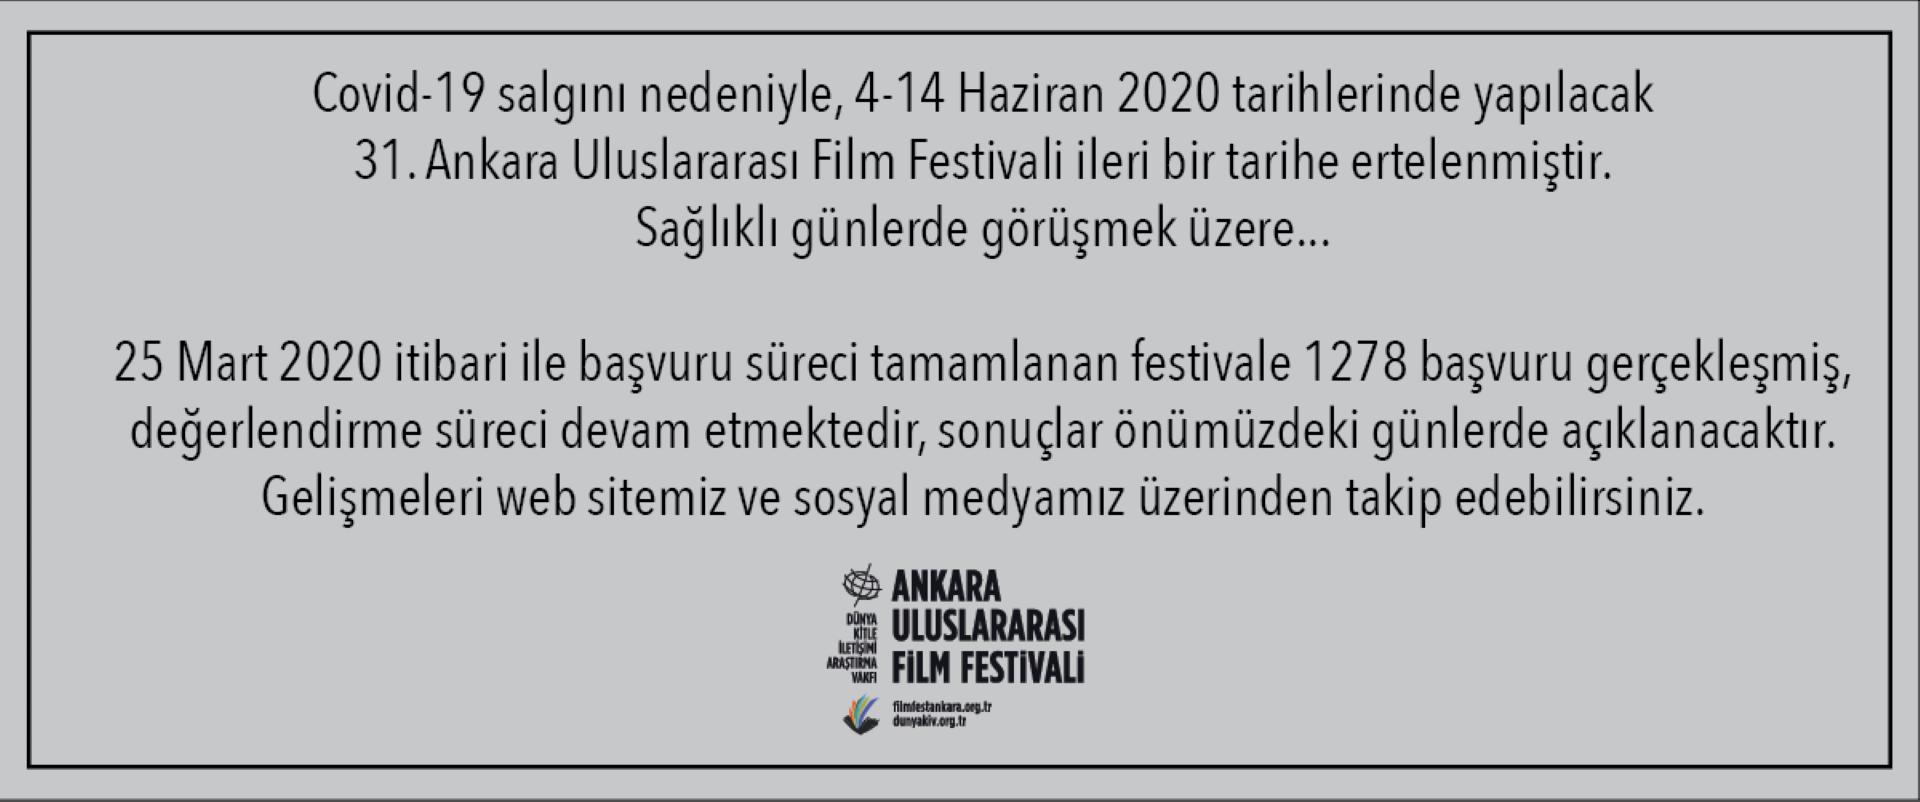 31. Ankara Uluslararası Film Festivali Ertelendi!